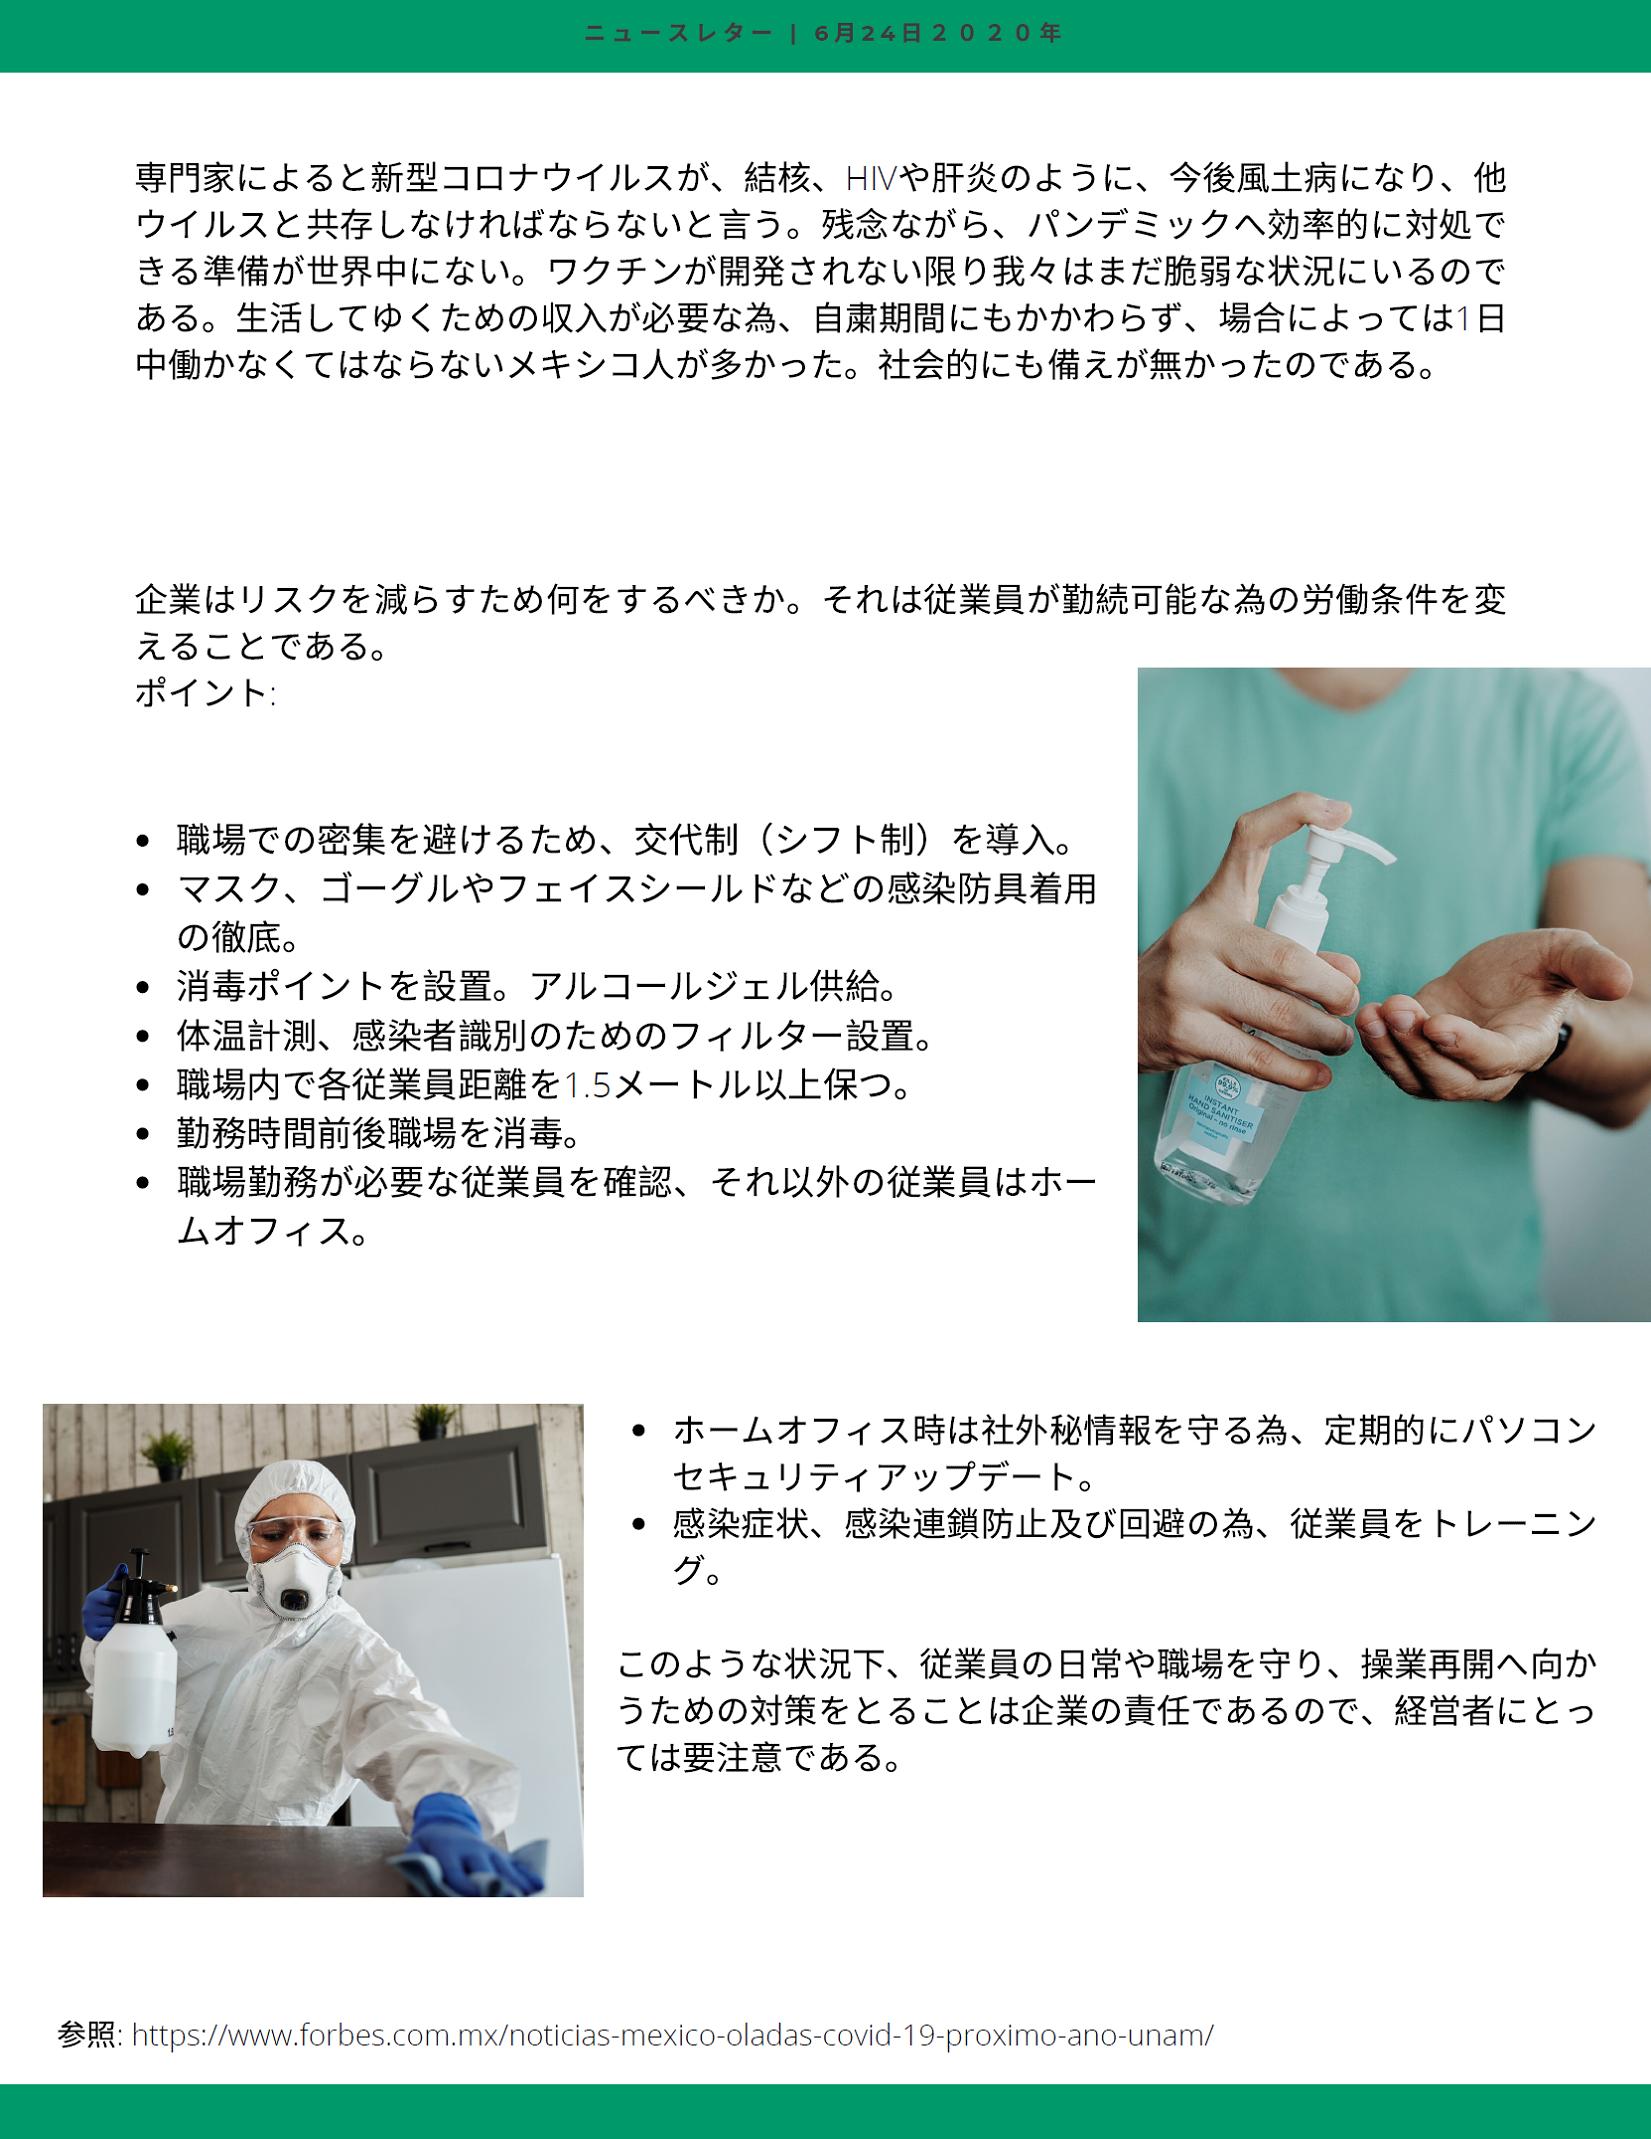 newsletter 3 JP 2.png